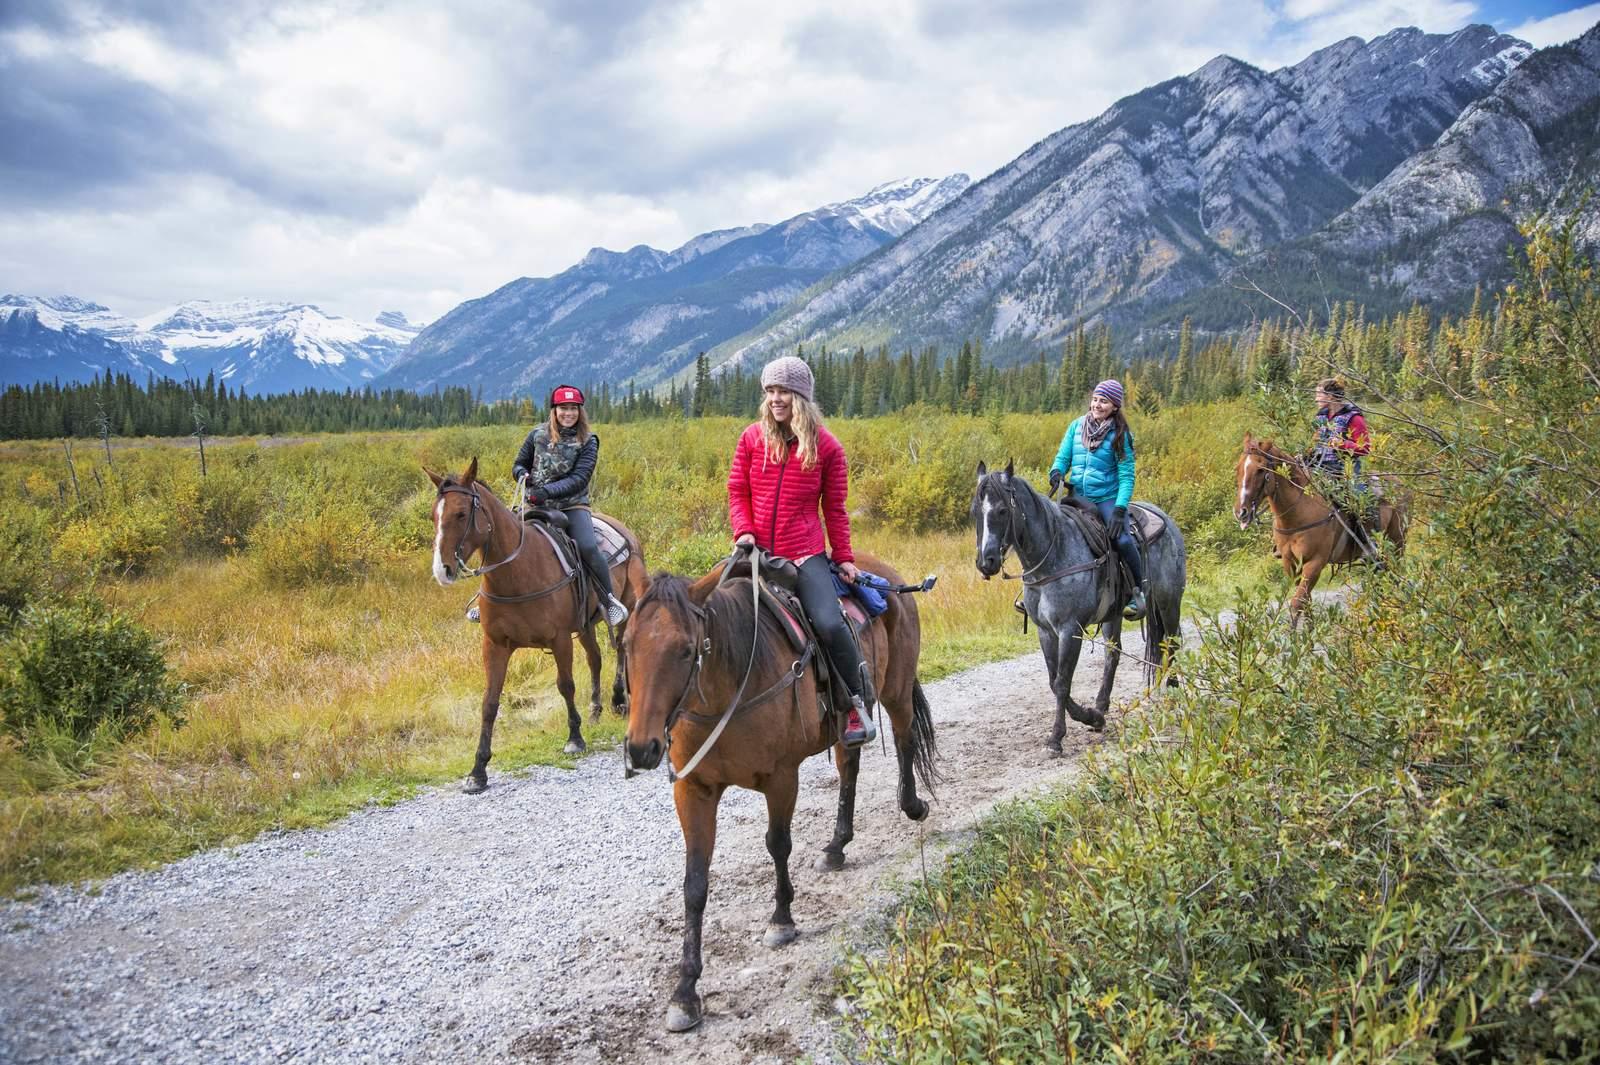 Reiten im Banff National Park, Alberta